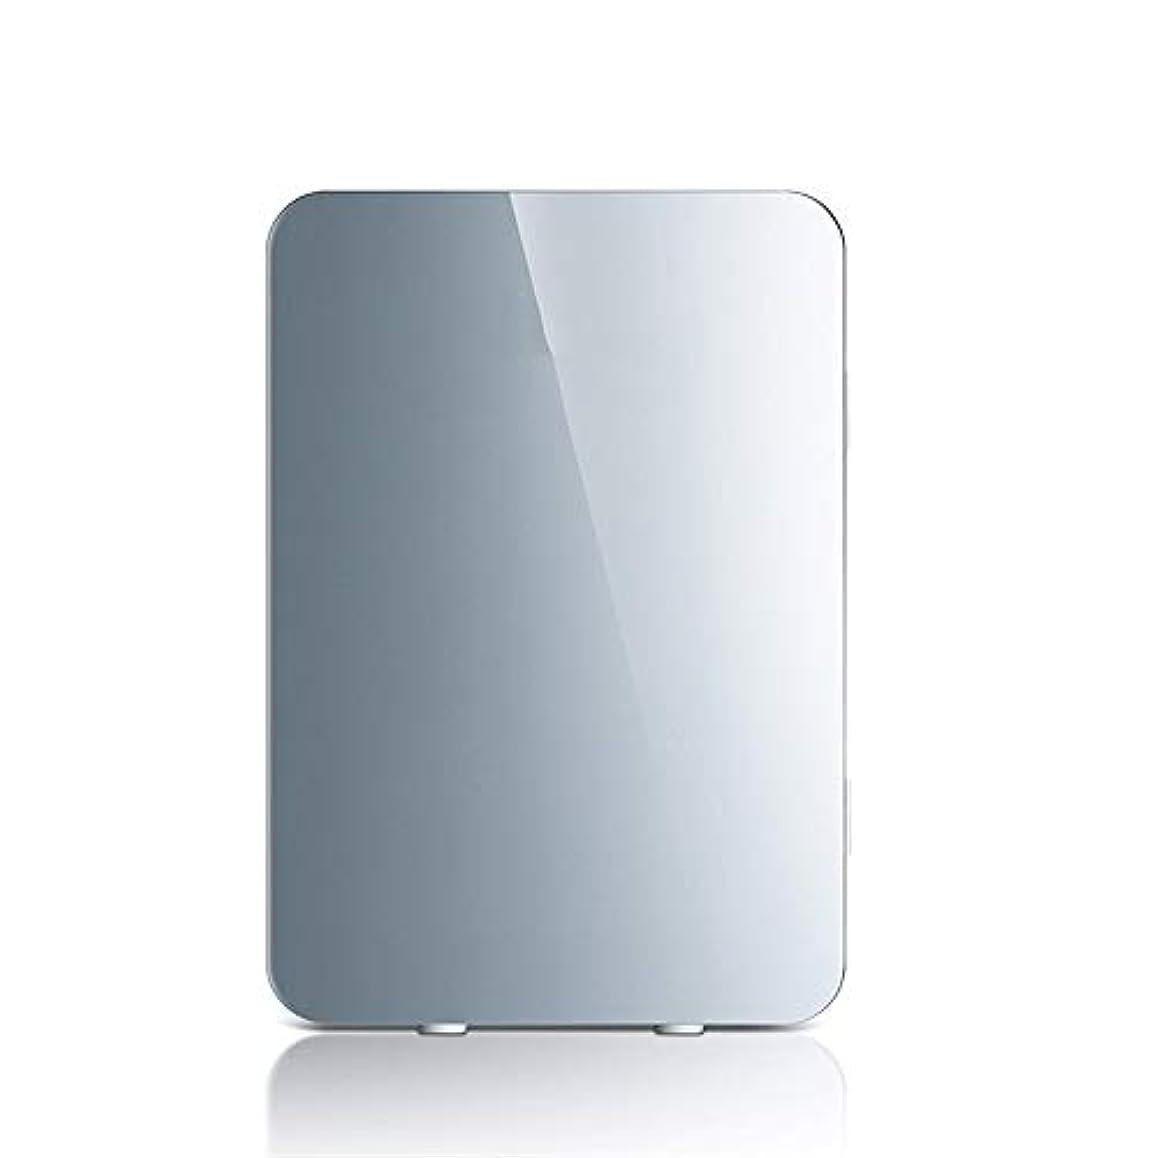 倉庫幻想的自信がある車載用冷蔵庫 20Lミニカー冷蔵庫12V / 220Vポータブルクーラー冷蔵庫用オフィスキャンプ (Color : Silver, Size : 33X28.5X41CM)